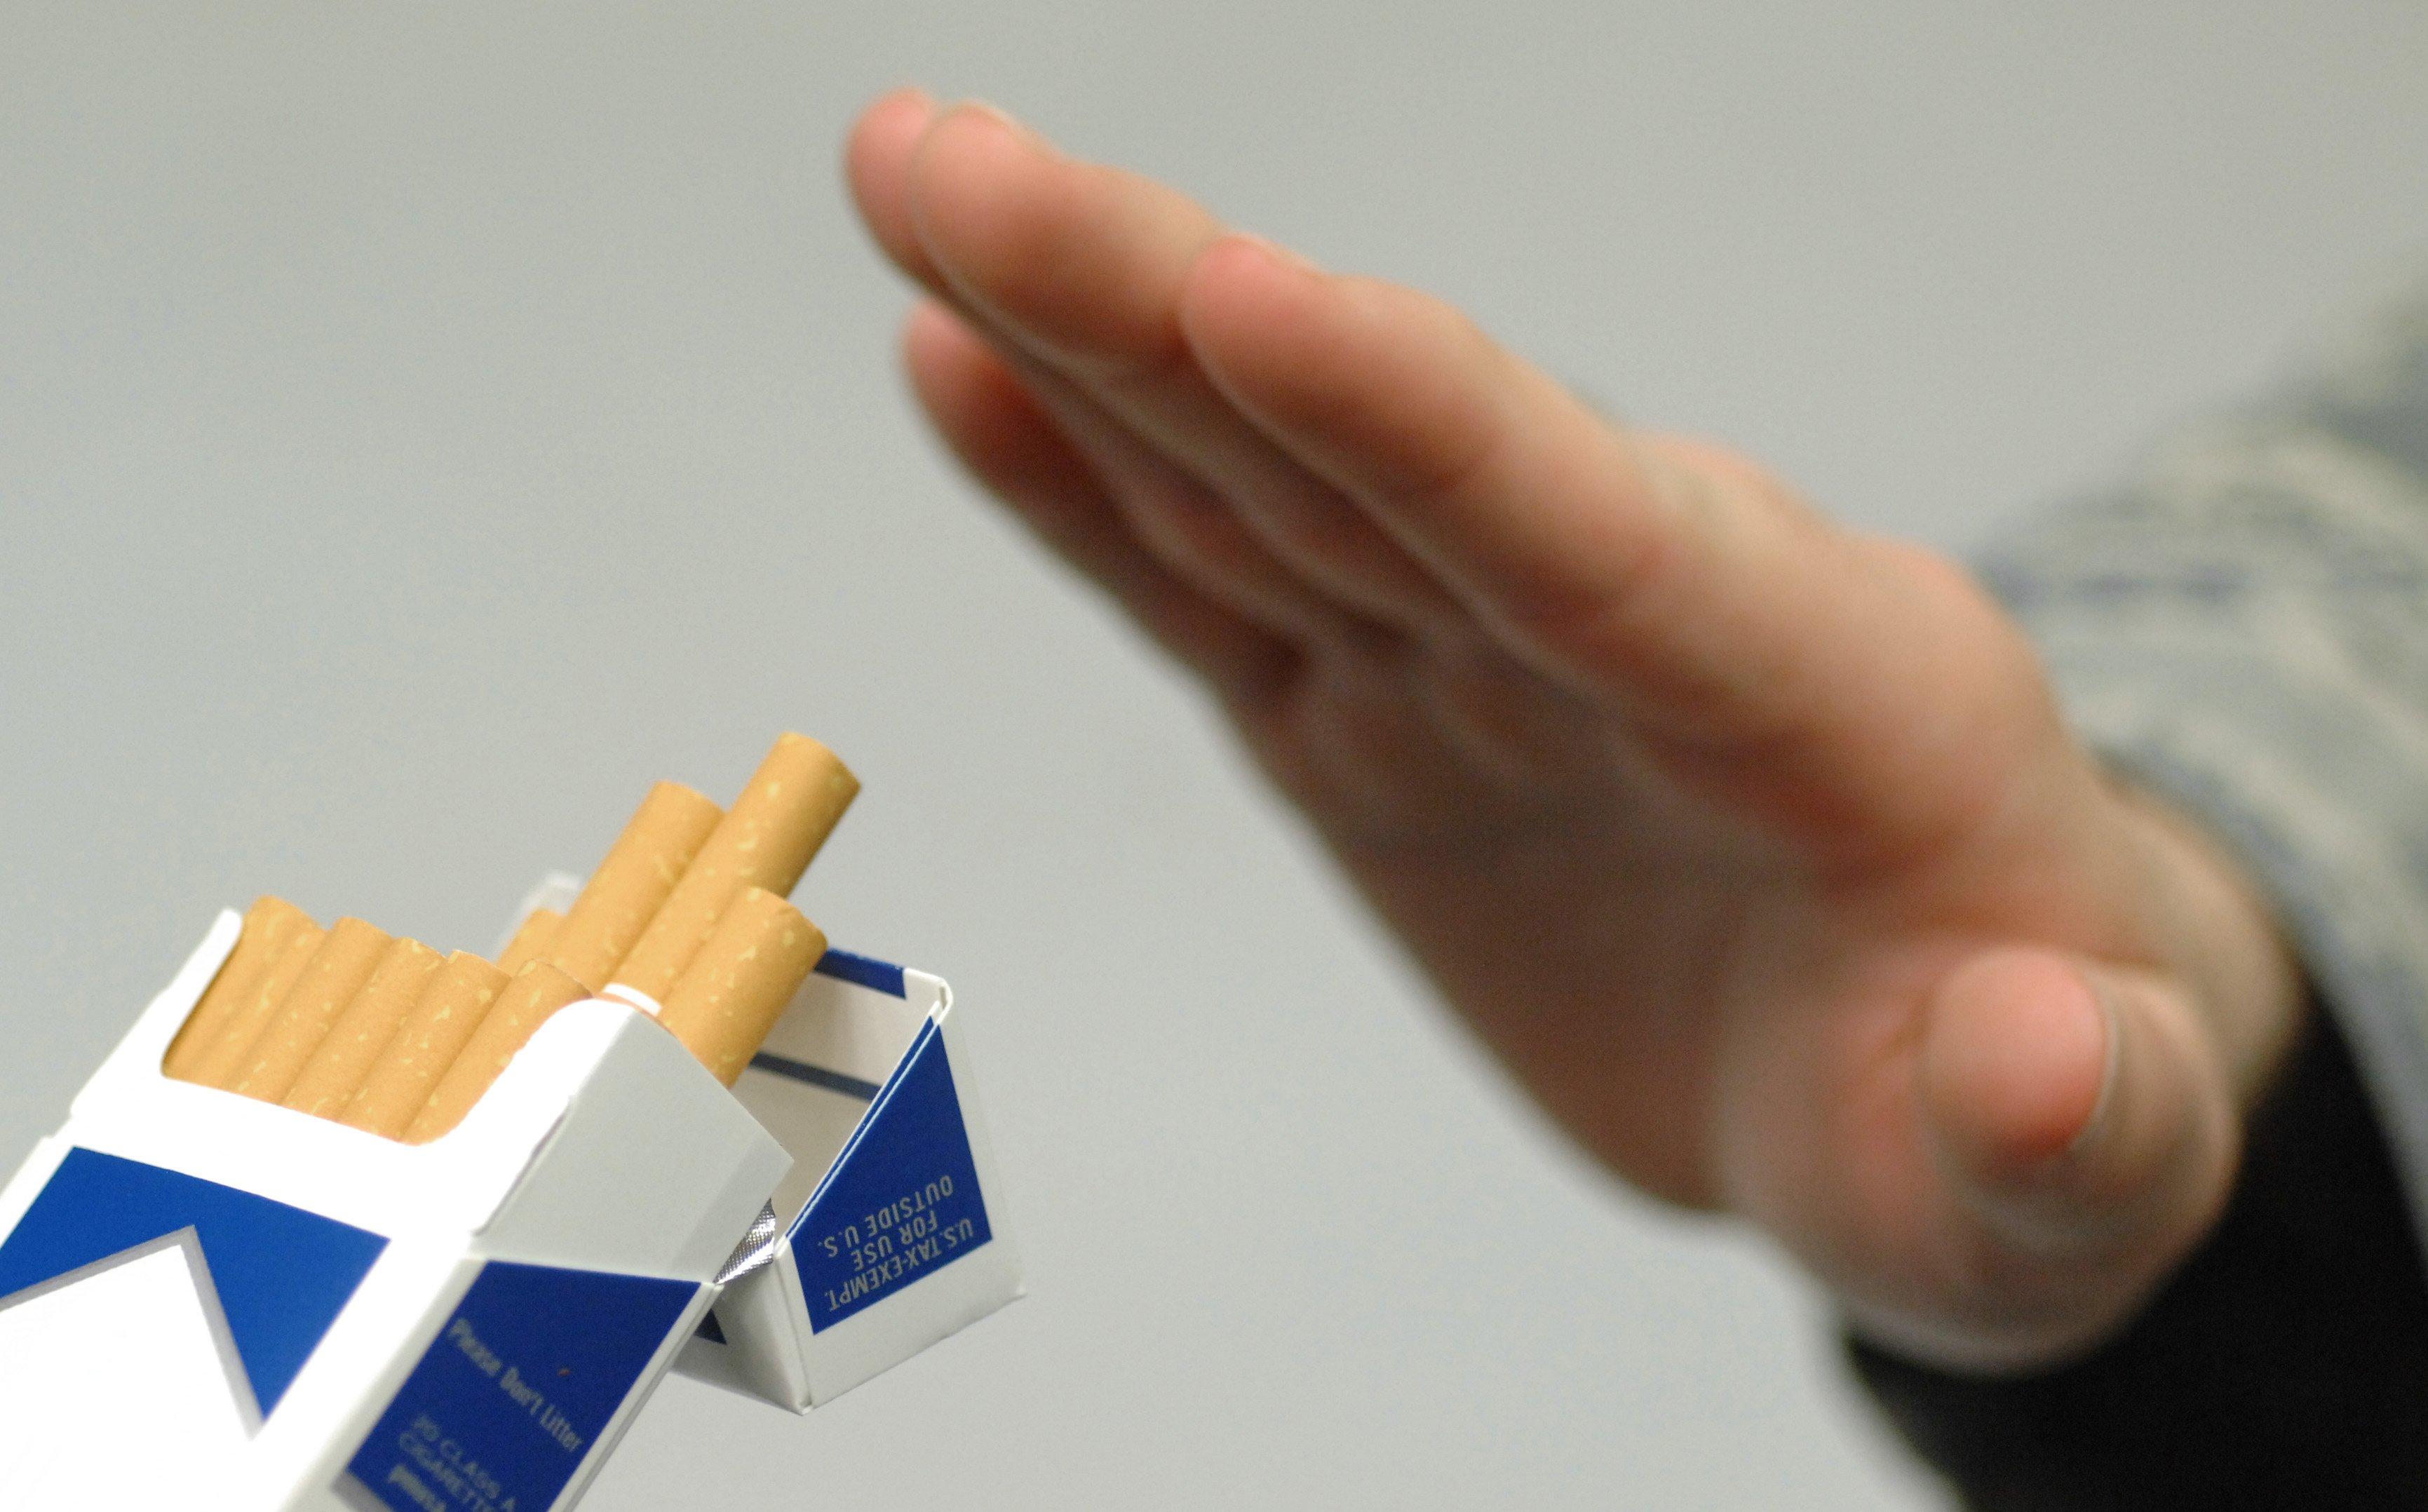 Ha dejado a fumar duele el vientre que hacer